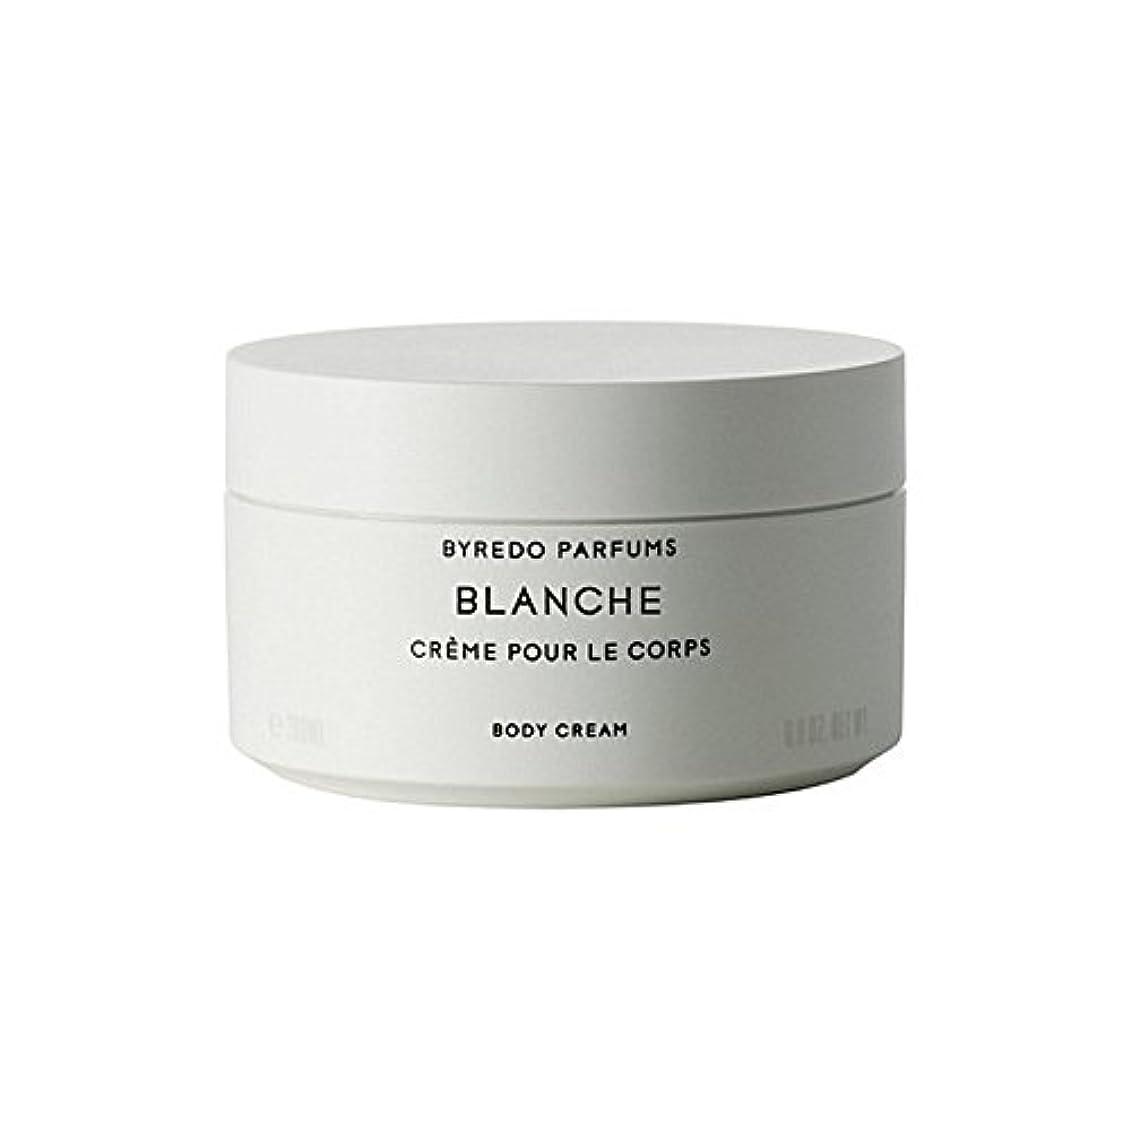 ストレスの多い変化する可能性Byredo Blanche Body Cream 200ml (Pack of 6) - ブランシュボディクリーム200ミリリットル x6 [並行輸入品]